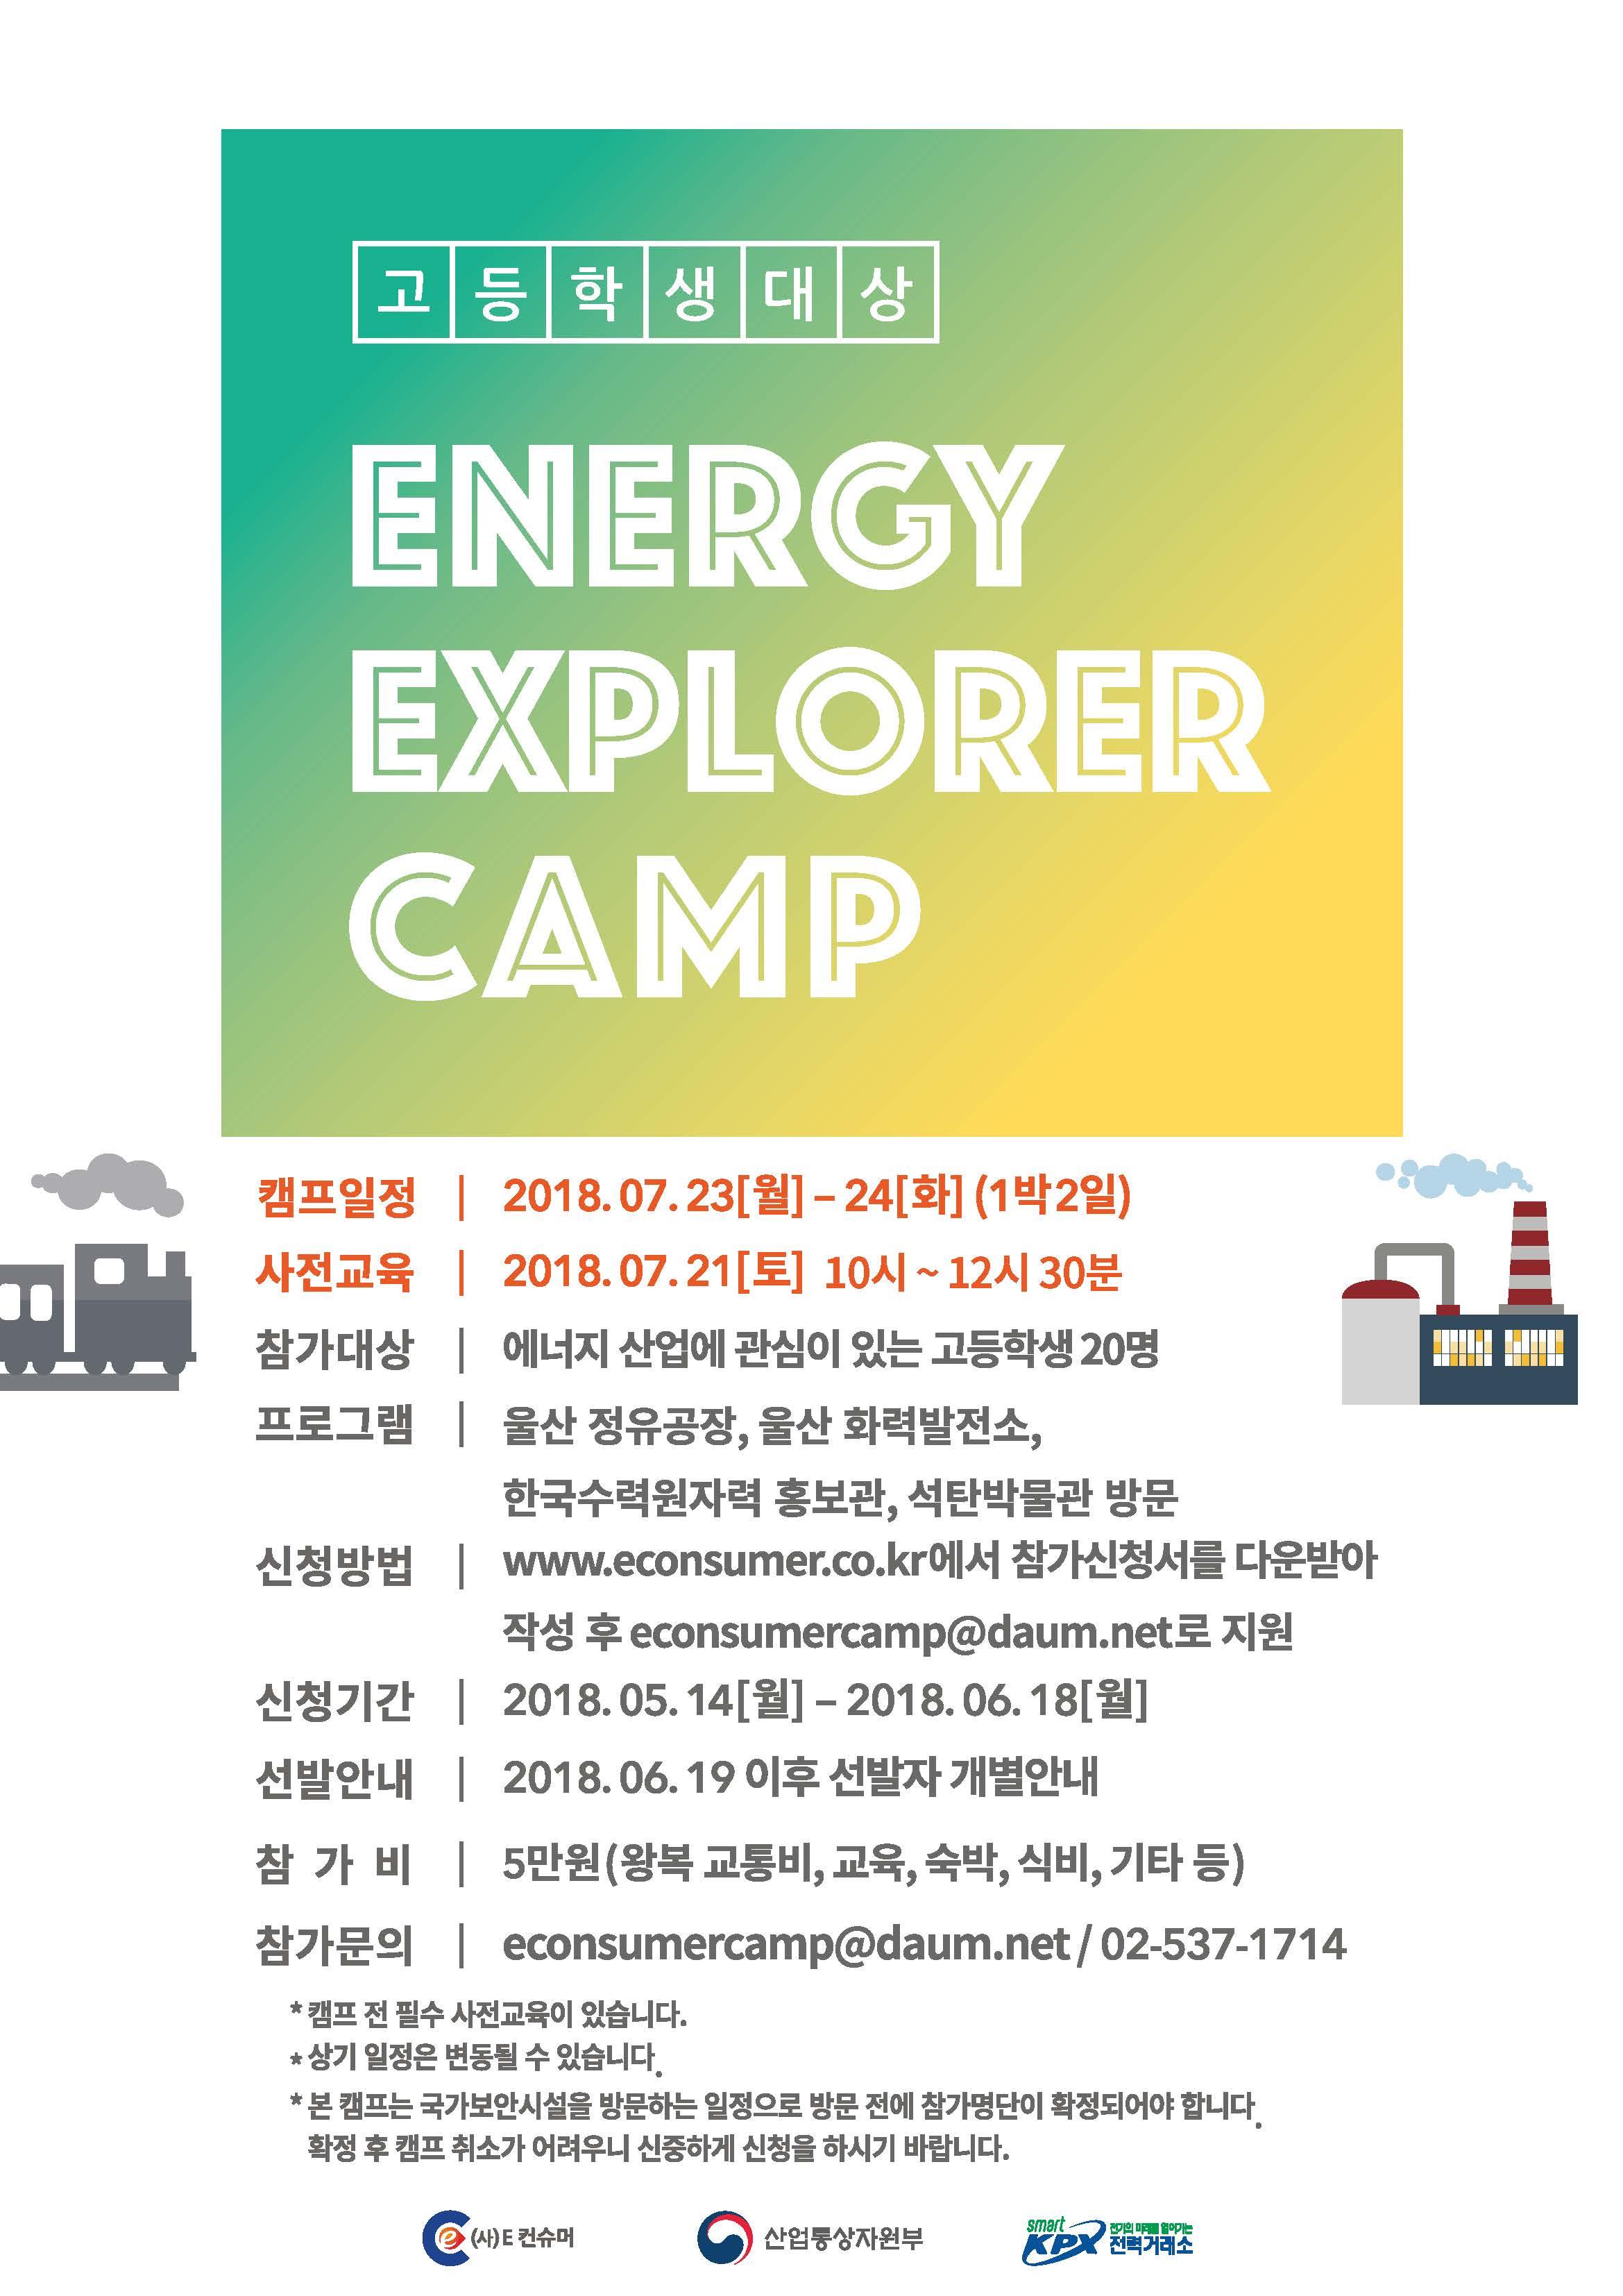 [(사)E컨슈머] 고등학생 대상 에너지컨슈머캠프 에너지익스플로러 3기 모집